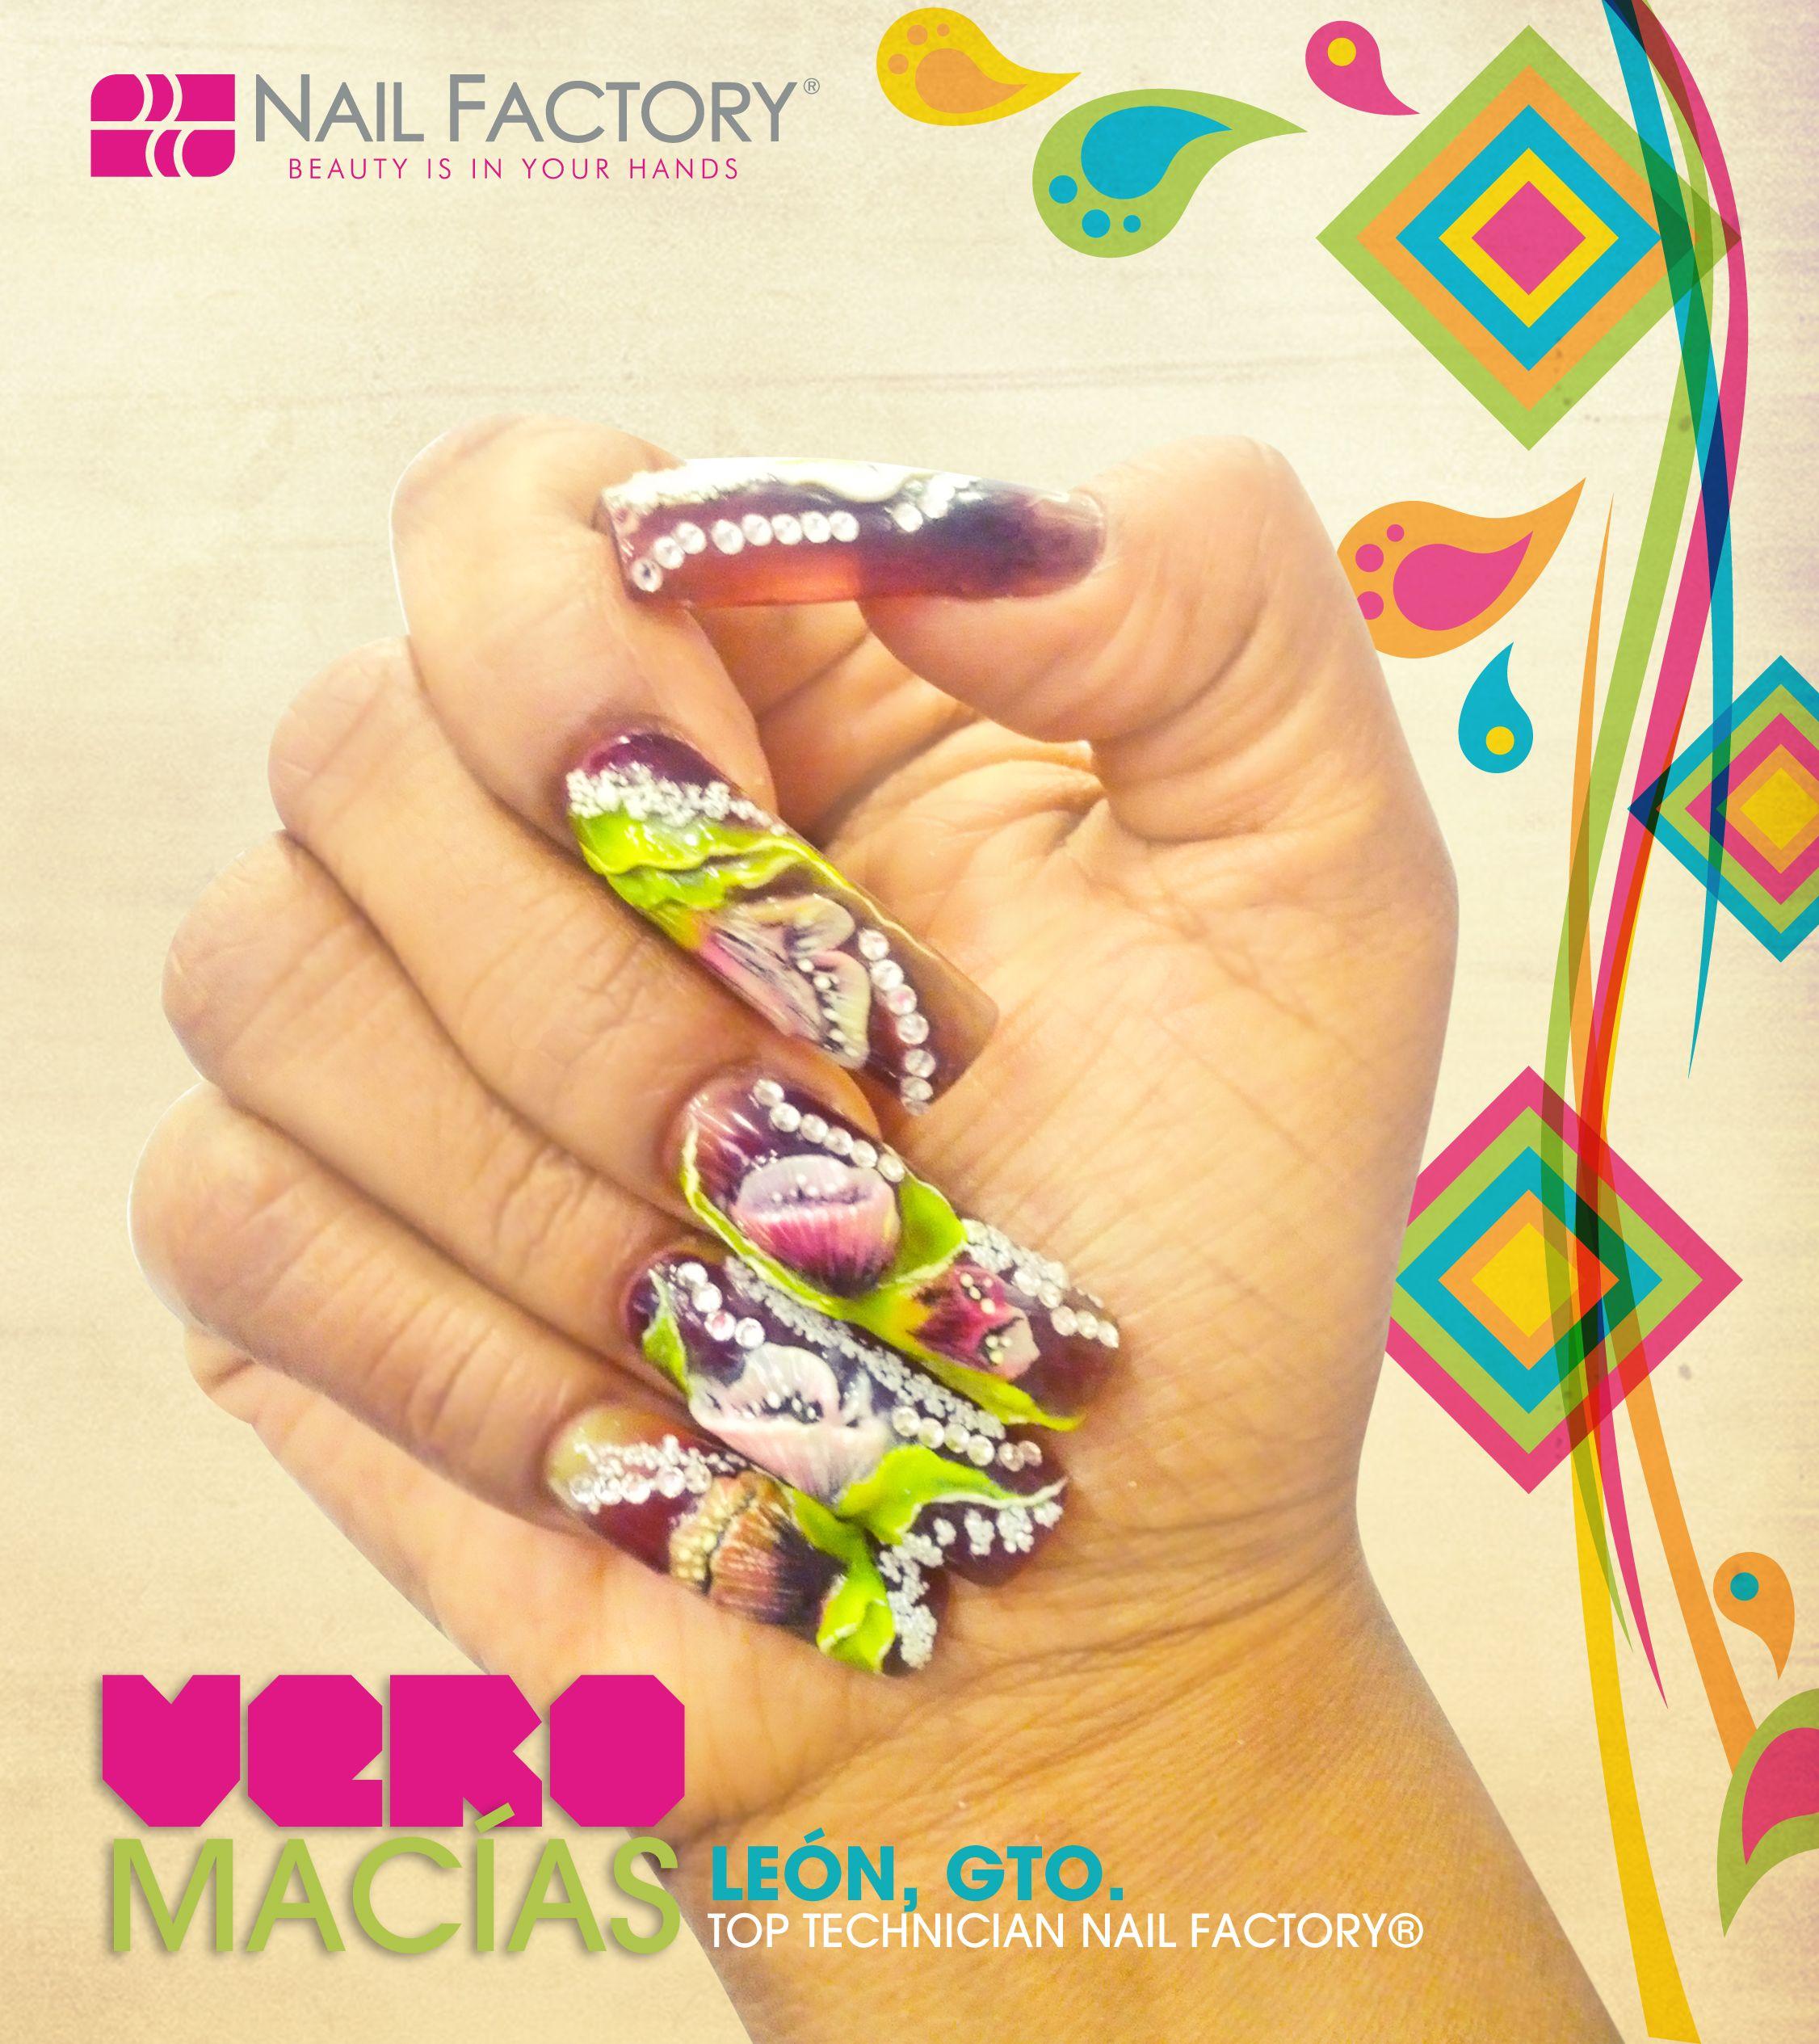 #Veromacias #Lovenailfactory #Vivamexico